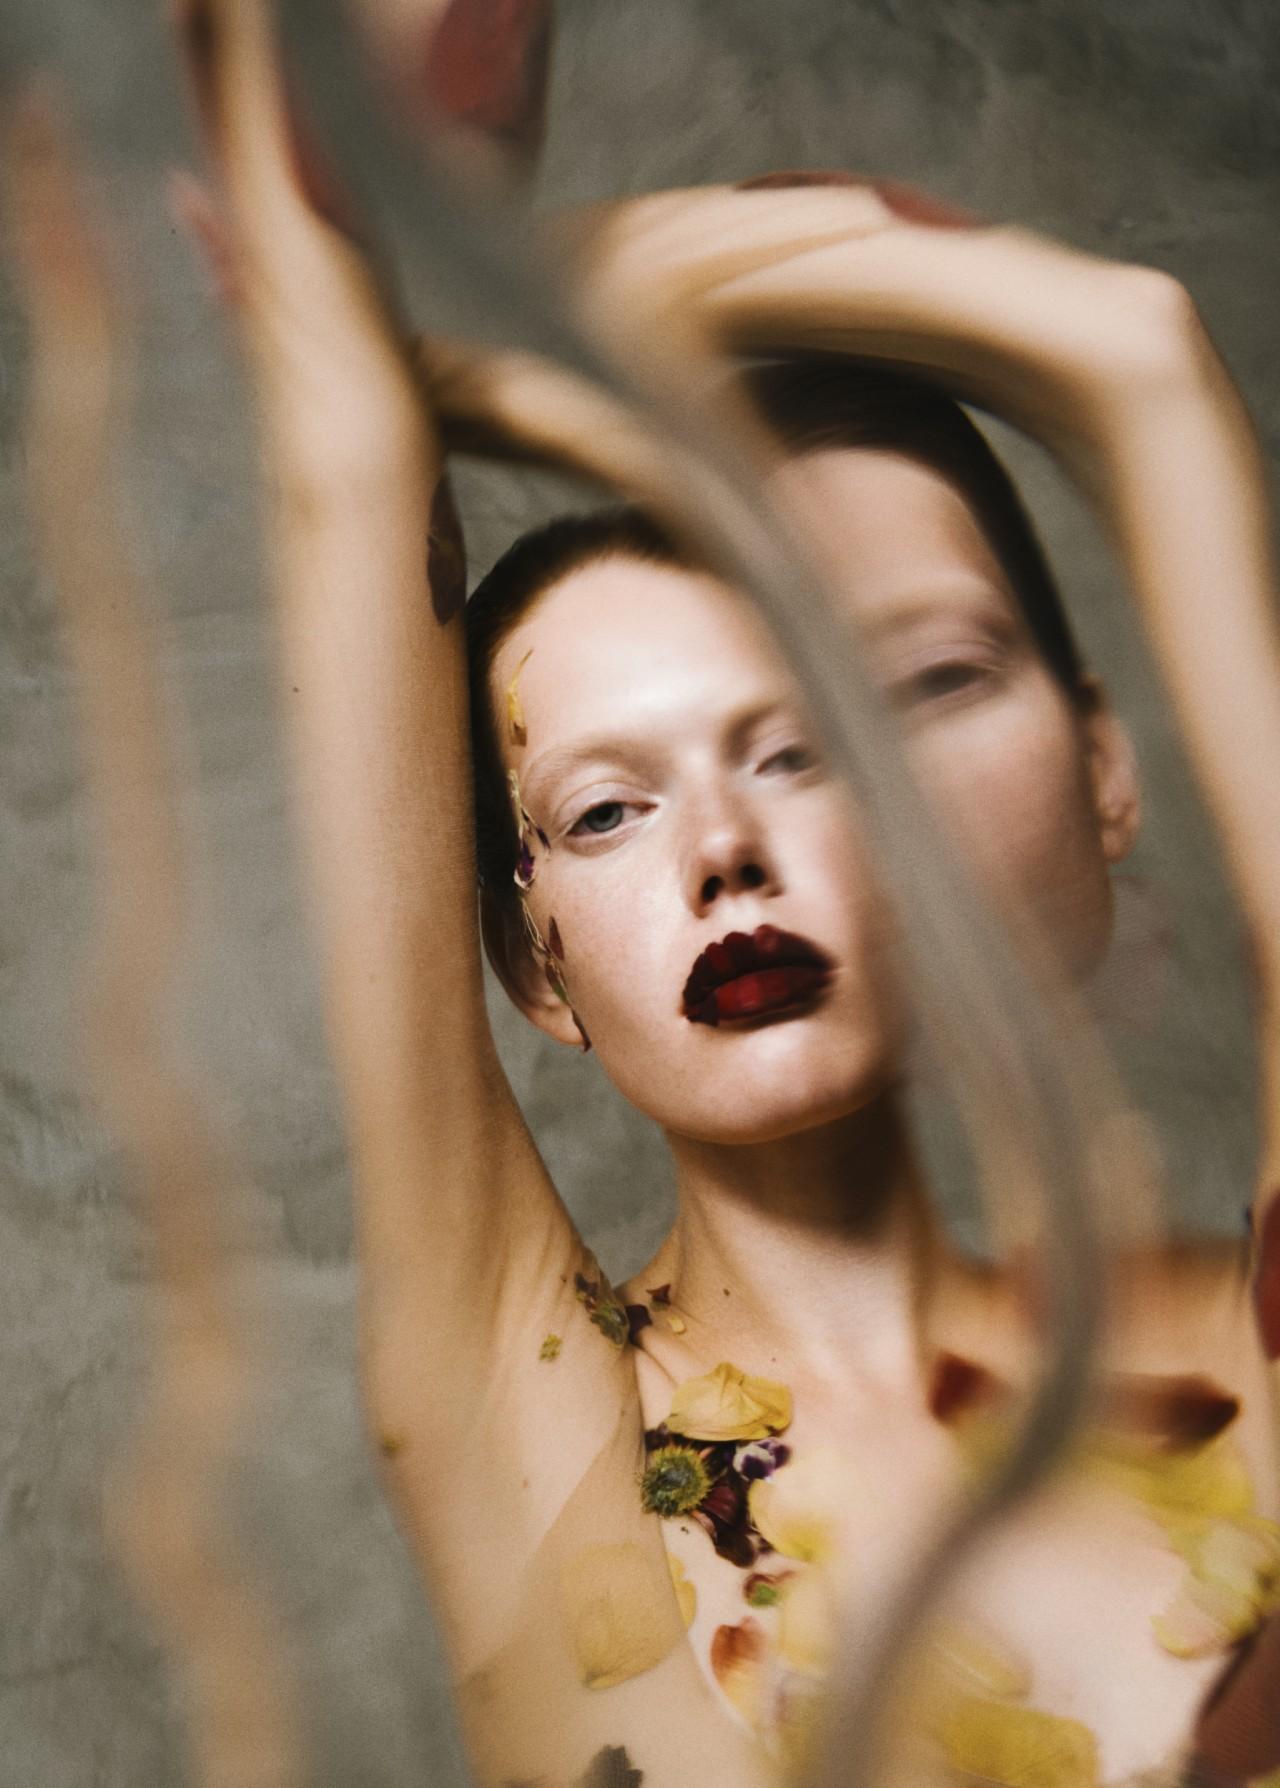 STELLA VON SENGER – HAIR & MAKE-UP ARTIST LEICA S MAGAZINE